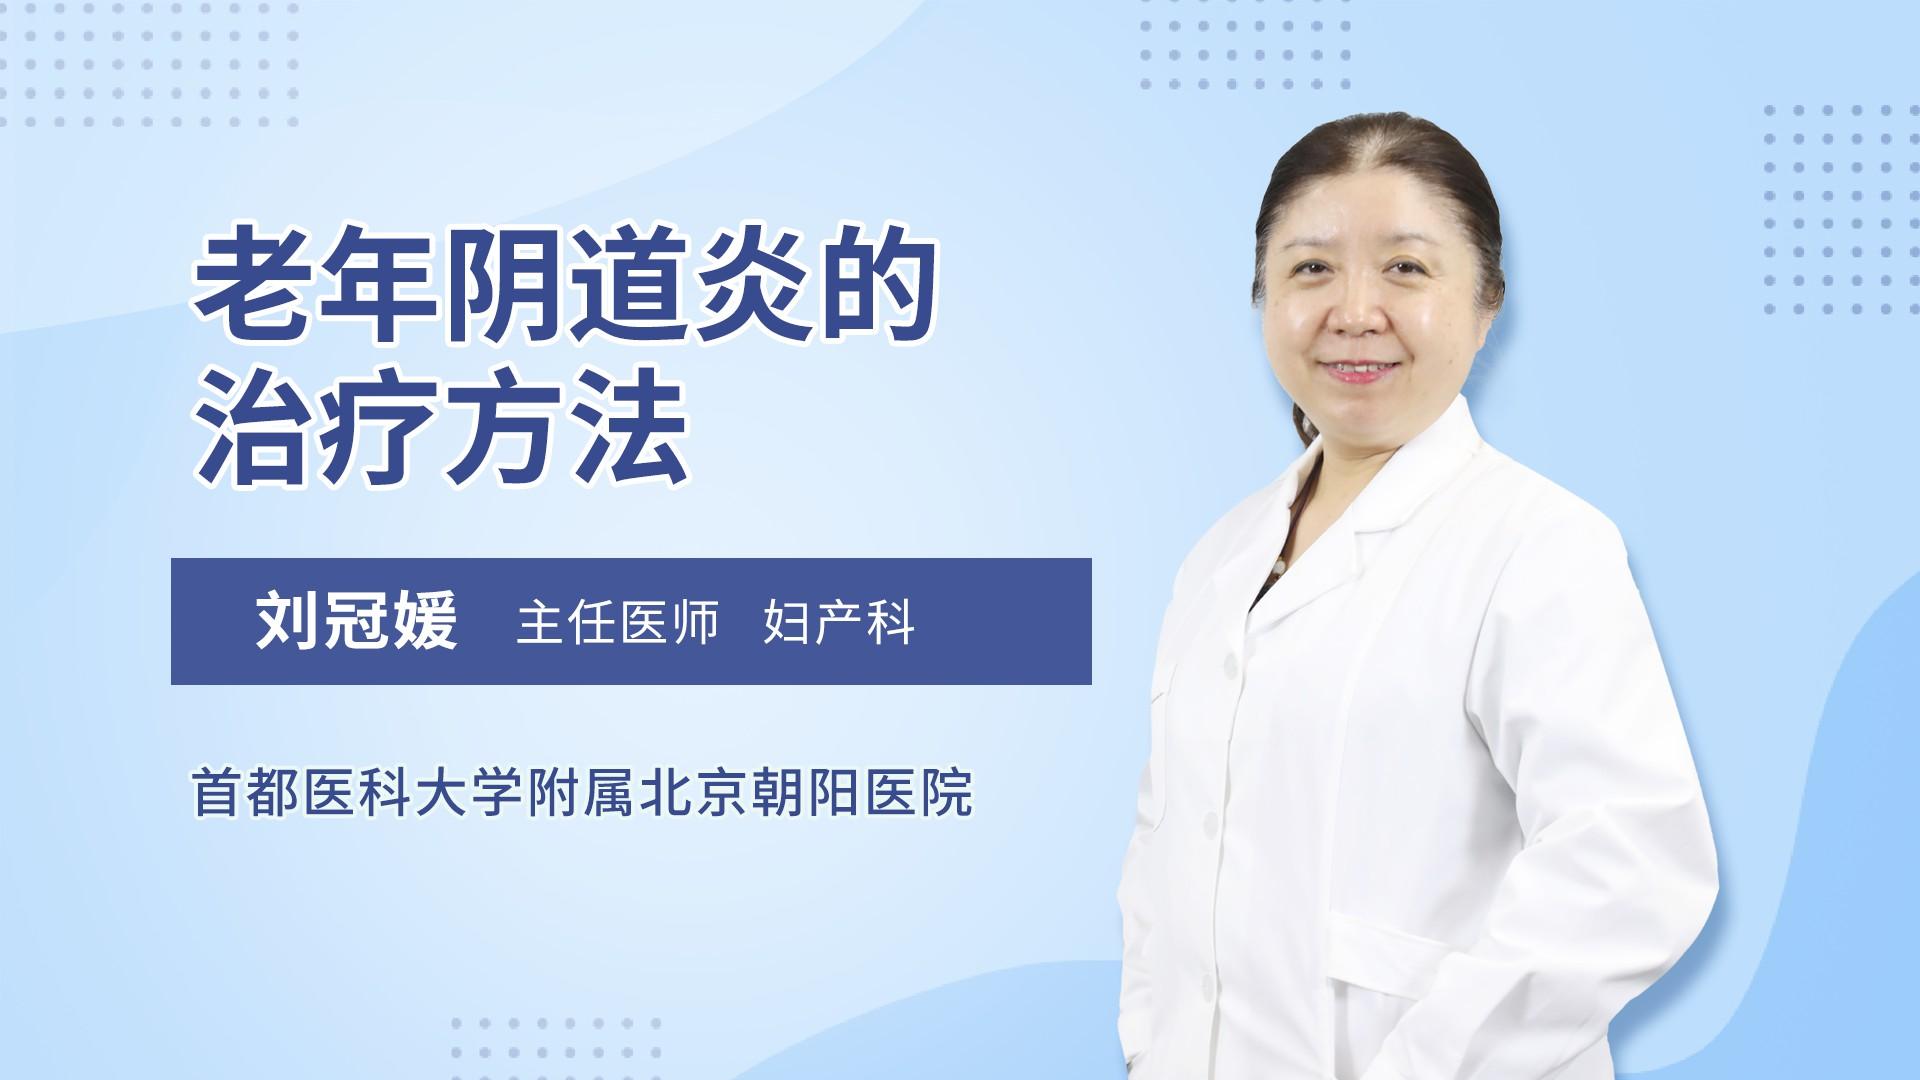 老年阴道炎的治疗方法